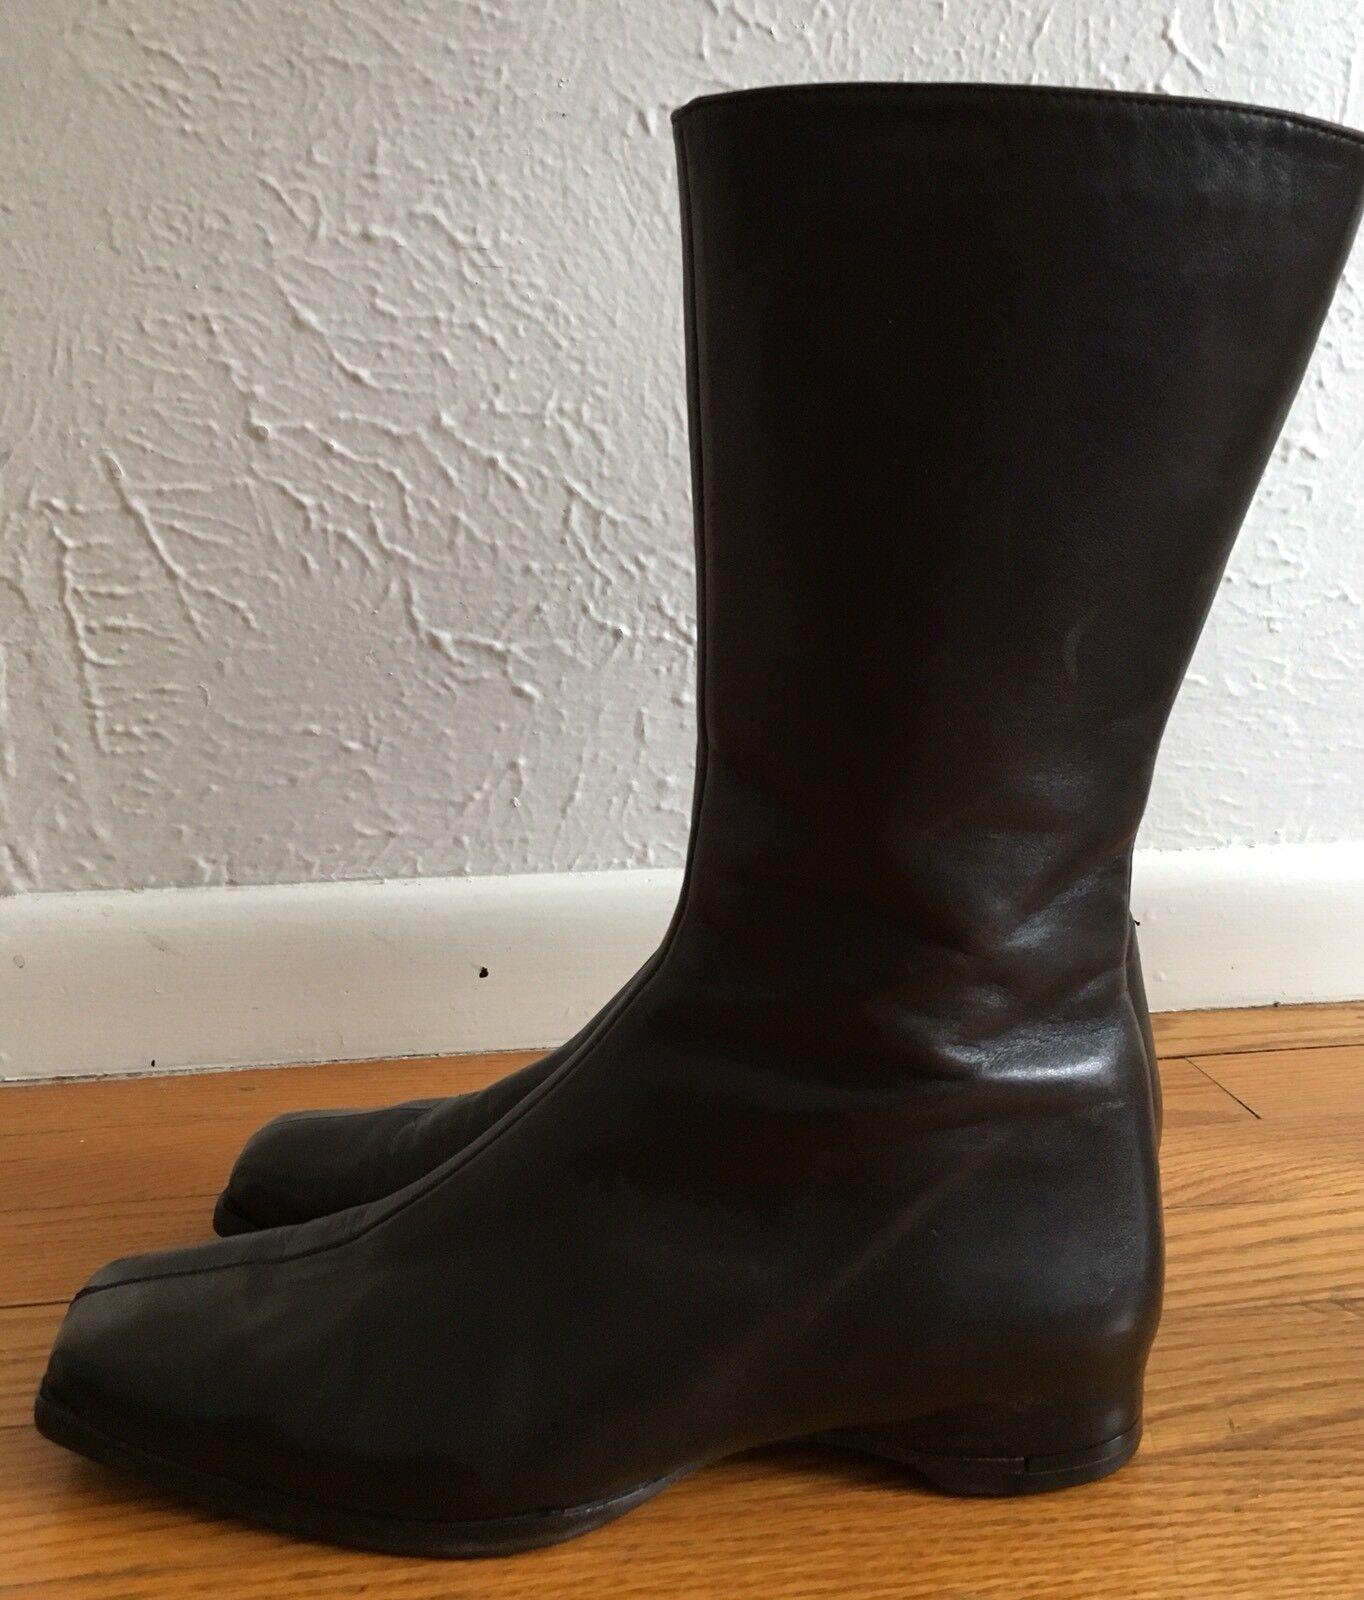 Robert Clergerie Marrón Cuero Medio Eje Botín Zapatos sin Taco 7.5   venta al por menor